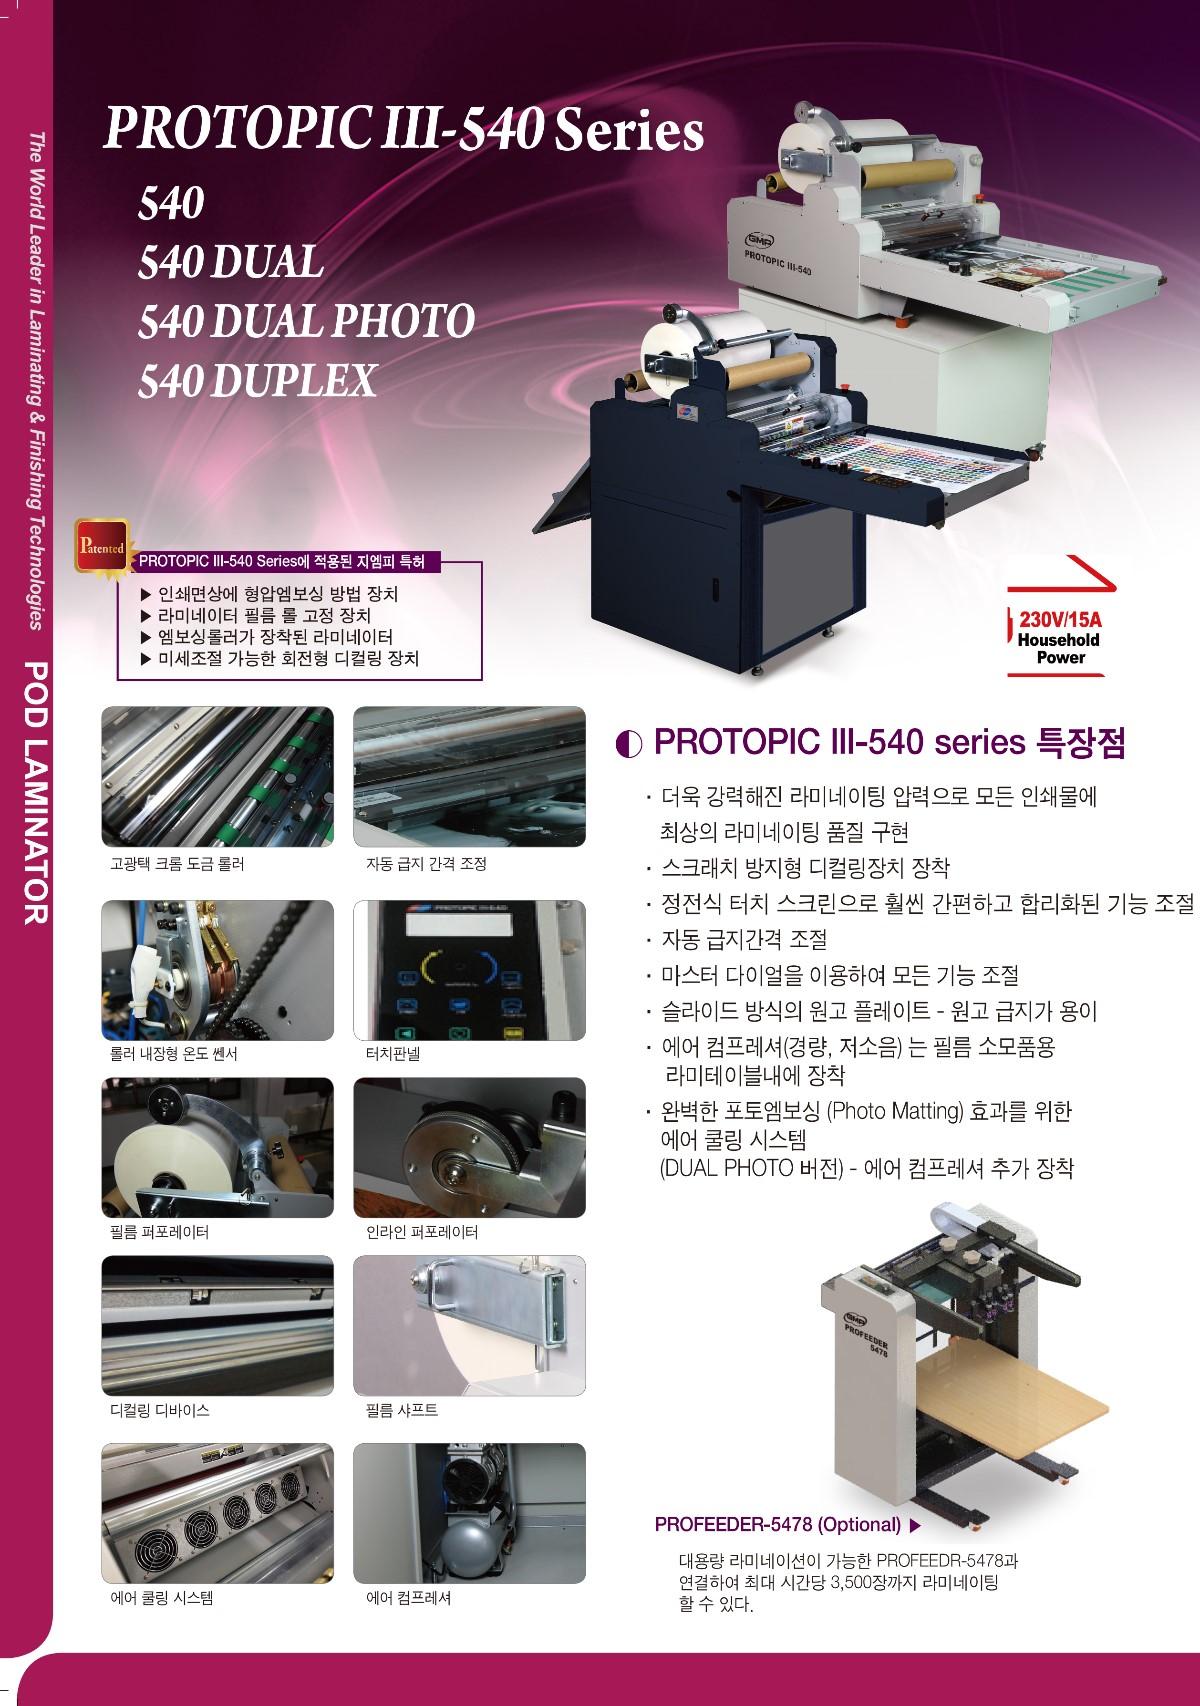 3552812708_5NglLHqf_protopic_series_PROTOPIC_III-540_B1B9B9AE_-4.jpg